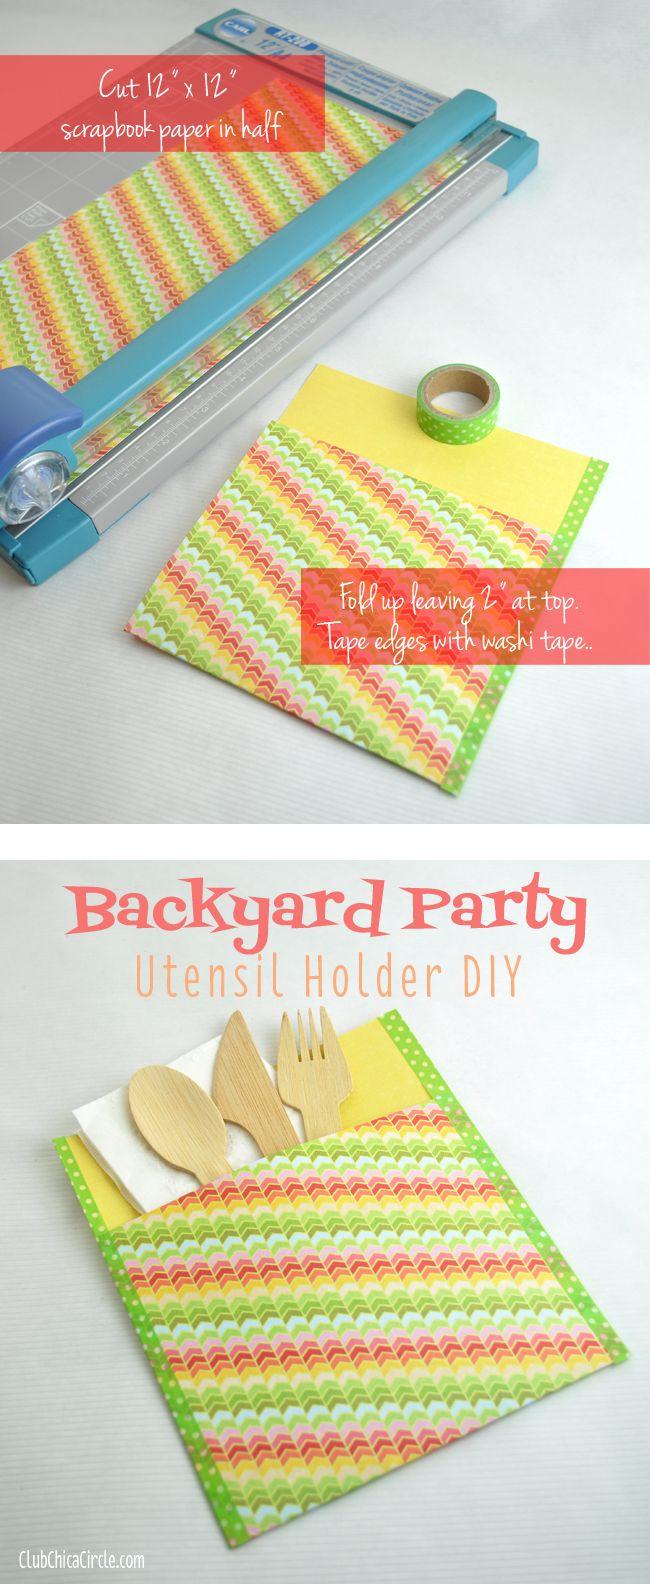 Backyard party utensil holder DIY